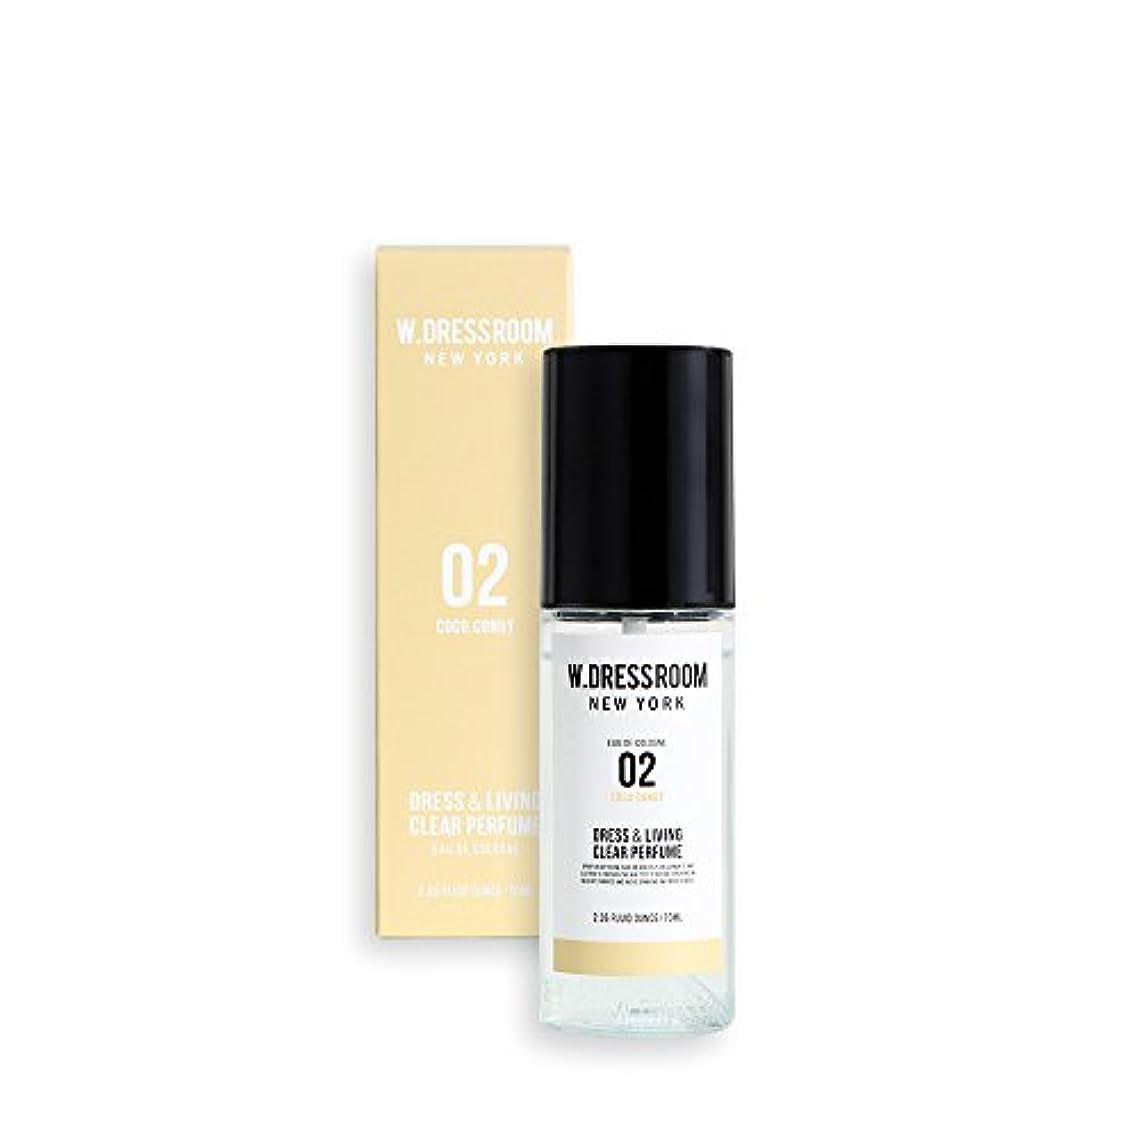 復讐遊具ペルセウスW.DRESSROOM Dress & Living Clear Perfume 70ml/ダブルドレスルーム ドレス&リビング クリア パフューム 70ml (#No.02 Coco Conut) [並行輸入品]